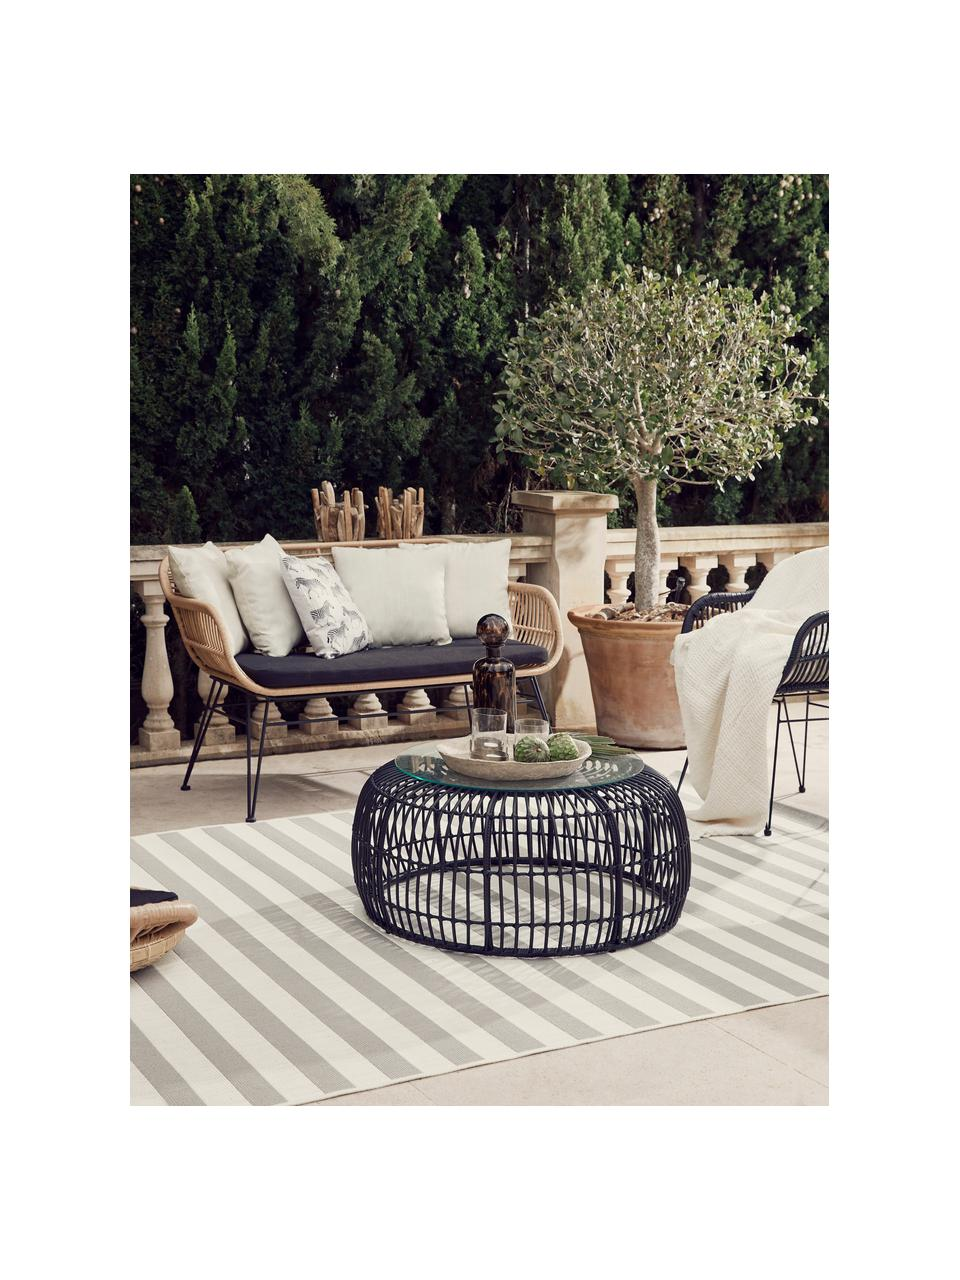 Tavolino da giardino intrecciato Costa, Piano d'appoggio: vetro, spessore, Struttura: intreccio in polietilene, Nero, Ø 85 x Alt. 42 cm